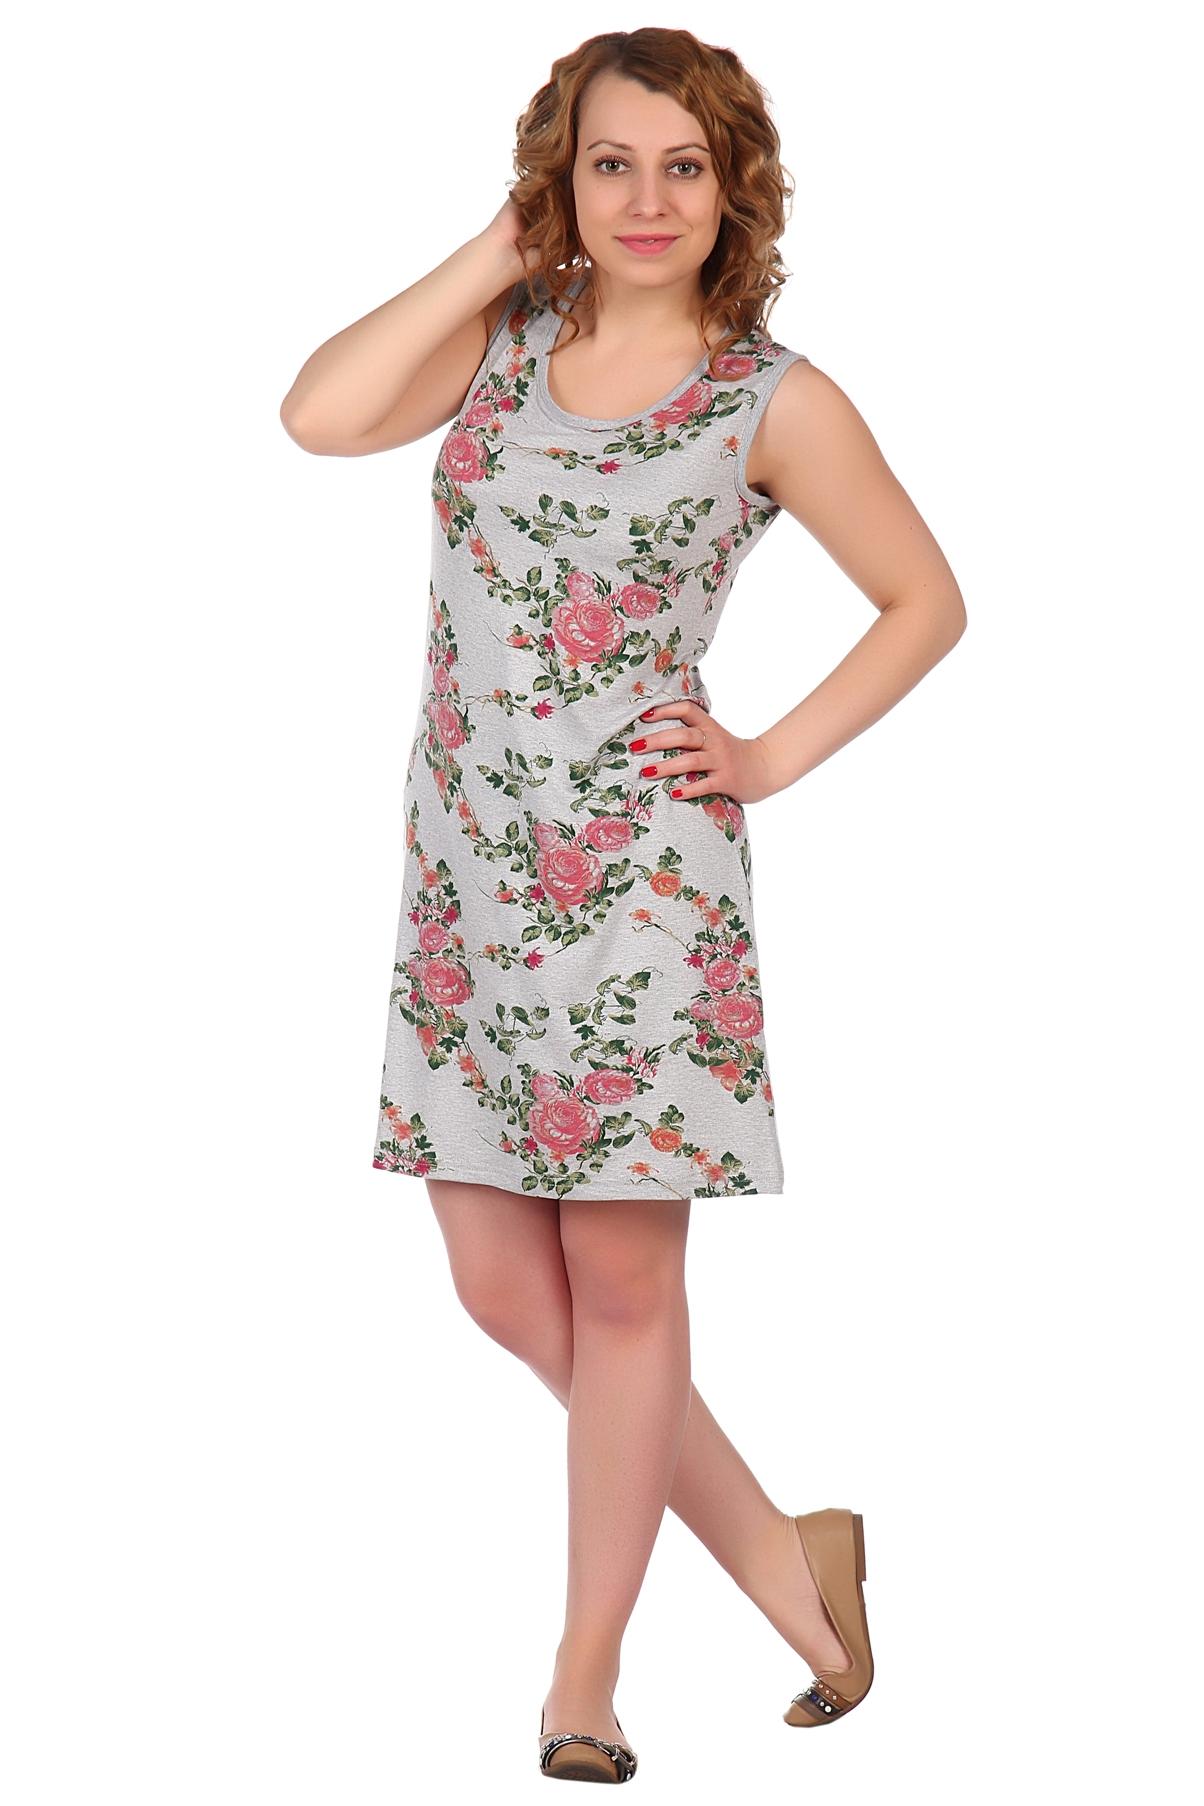 Жен. платье арт. 16-0514 Коралл р. 42 фото